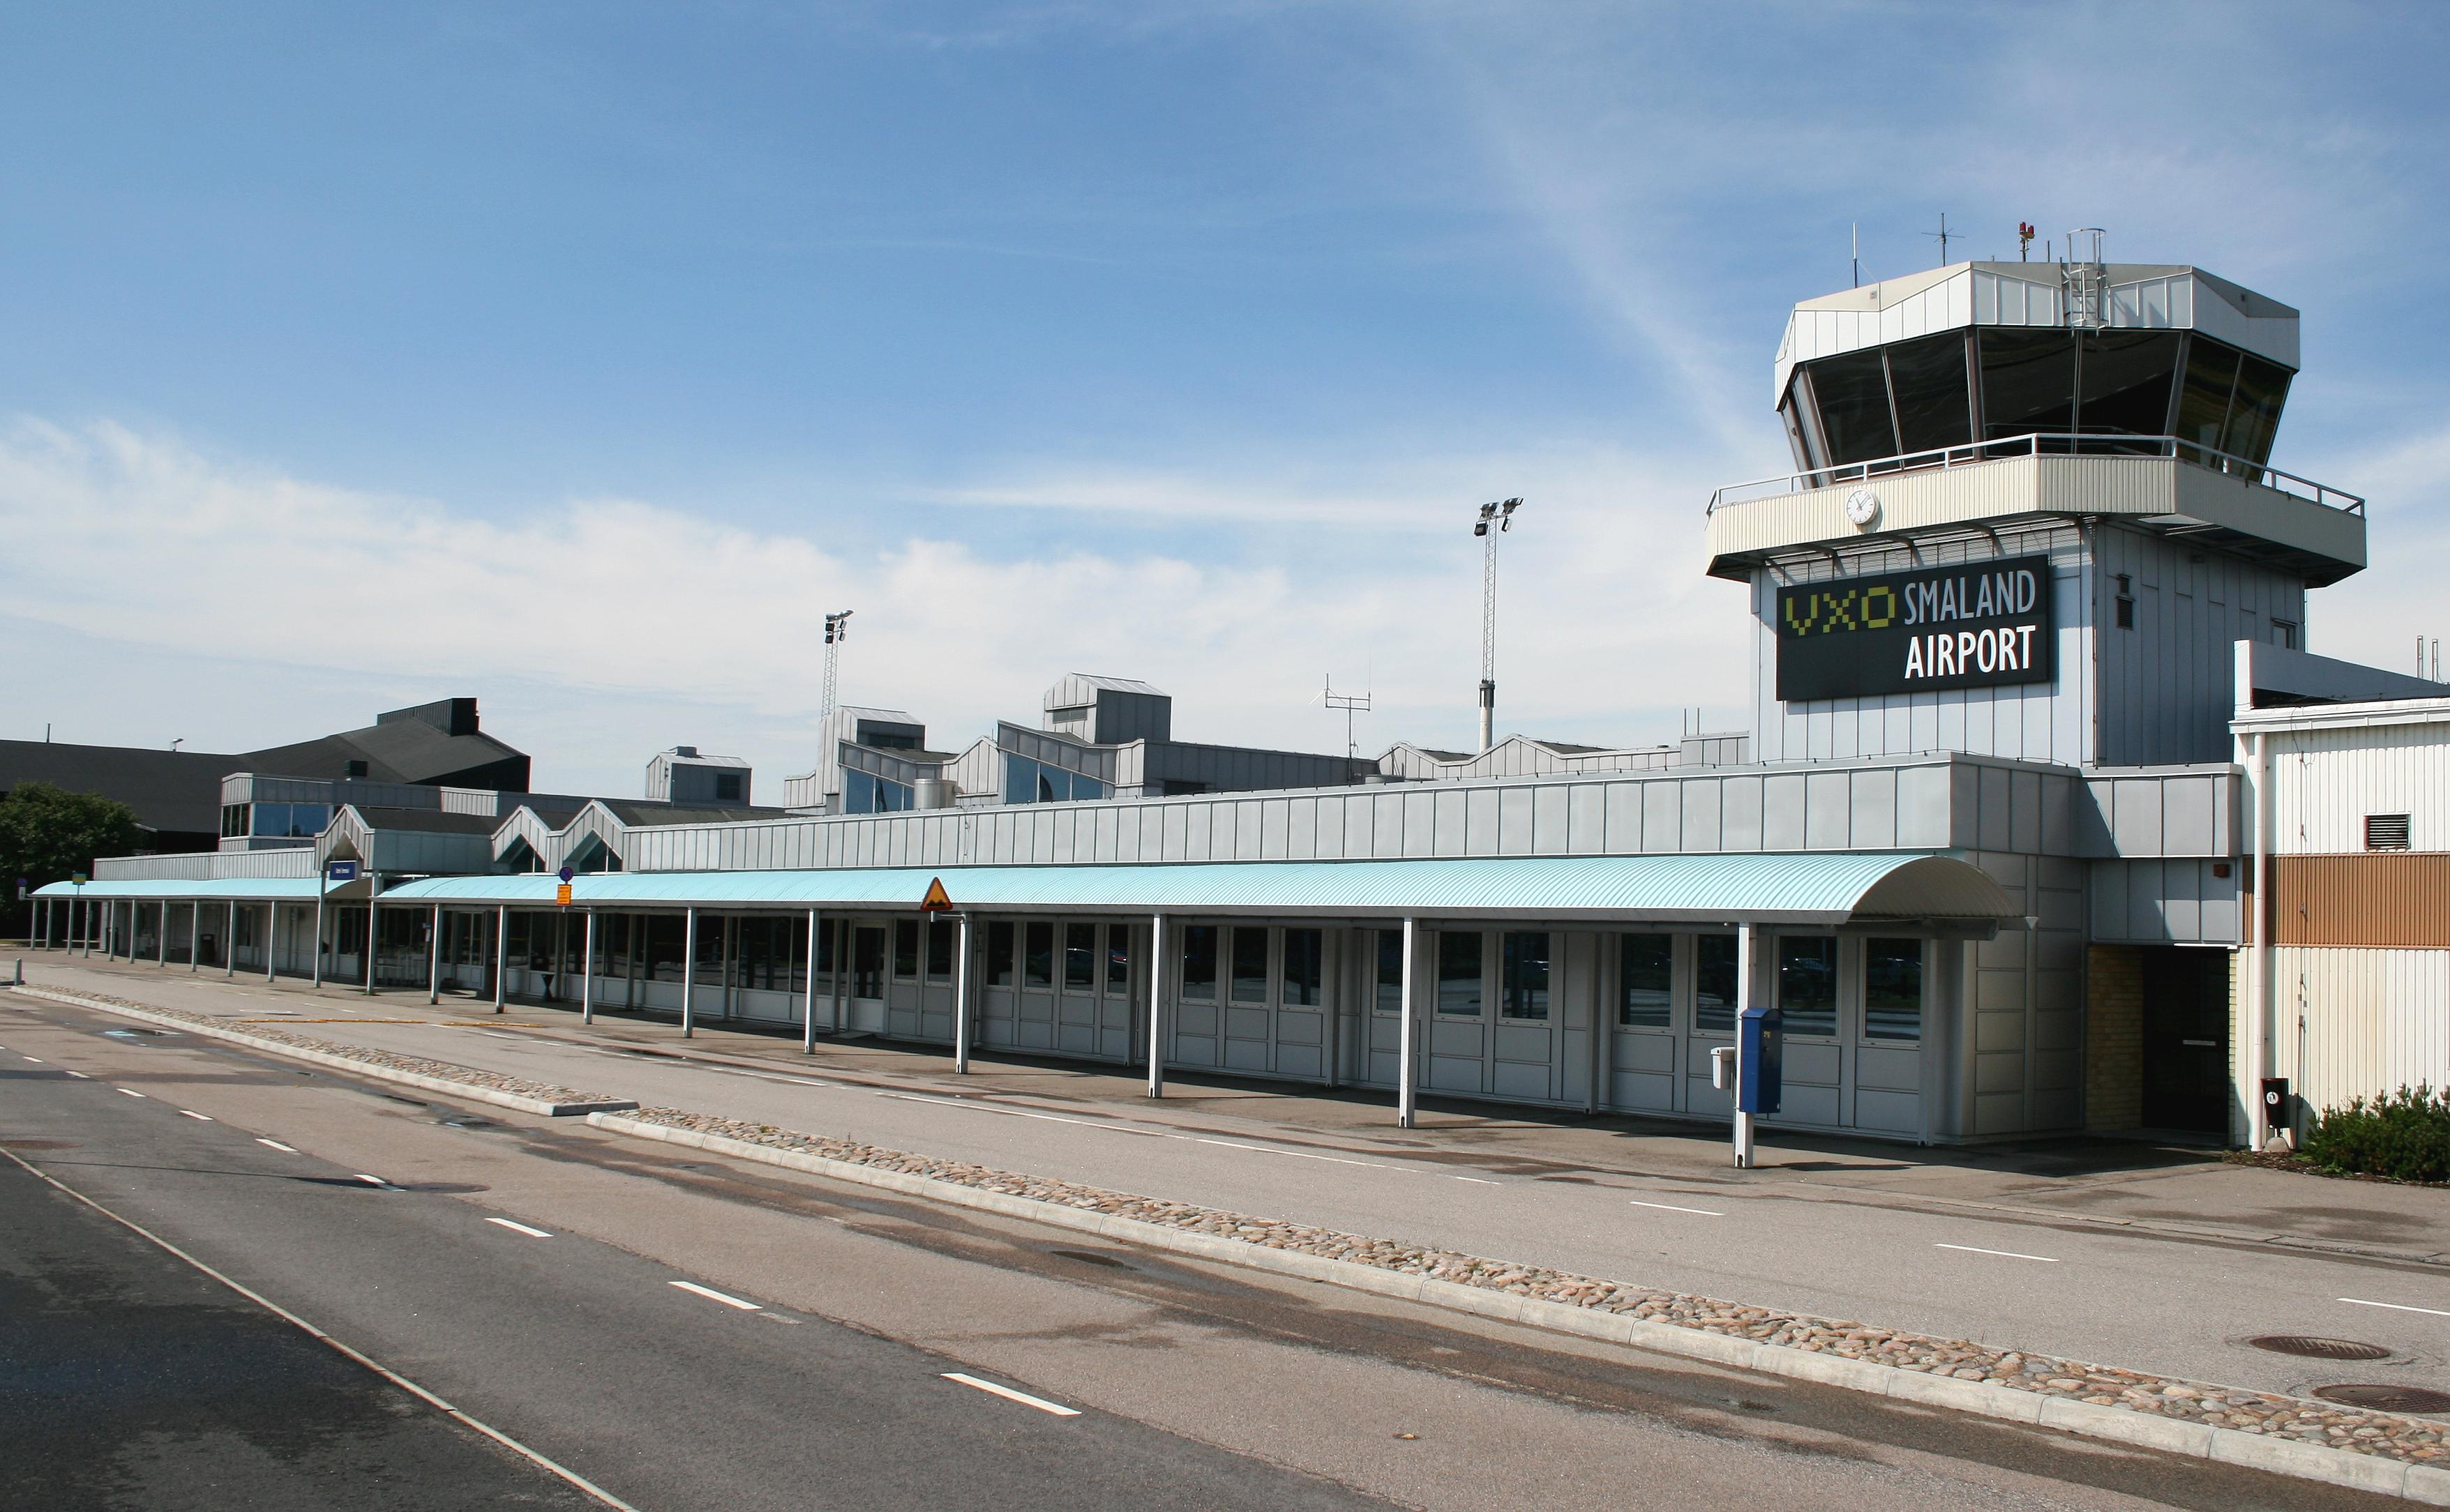 Bildresultat för växjö småland airport